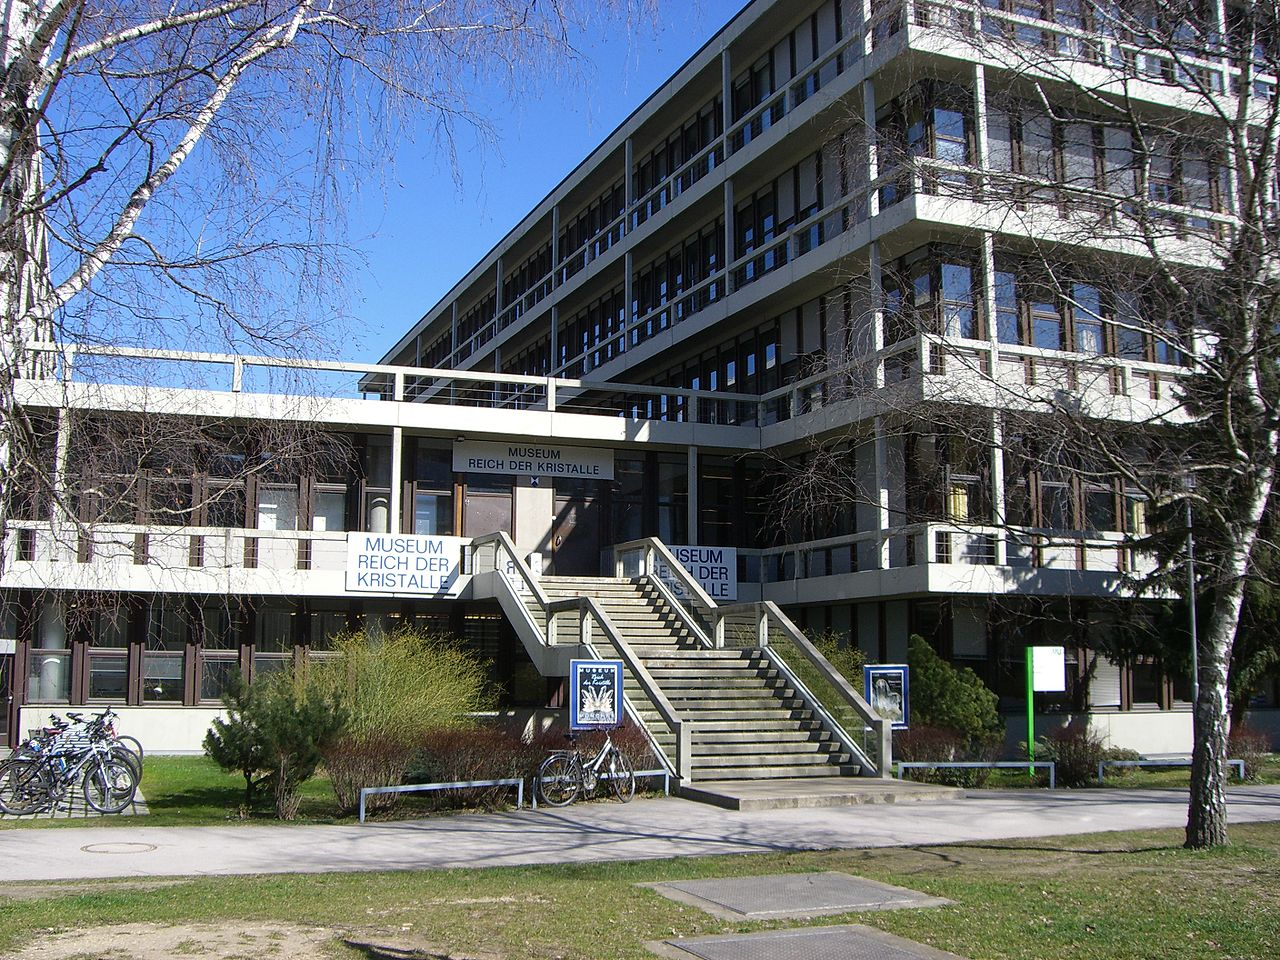 Bild Museum Reich der Kristalle München